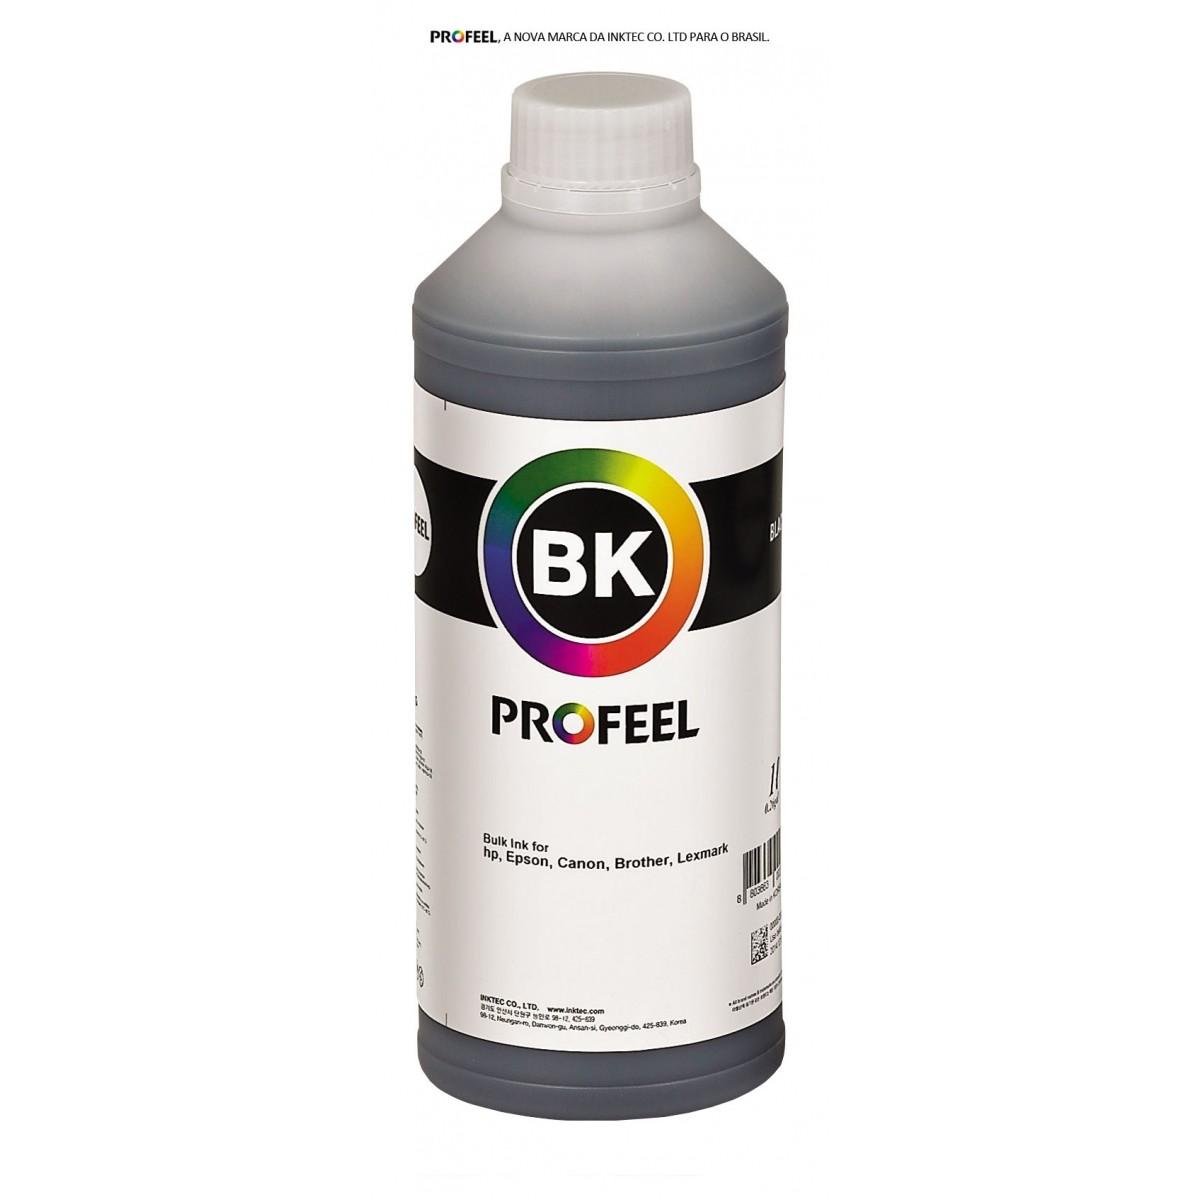 Tinta pigmentada InkTec Profeel modelo H1061-01LB | Frasco de 1 litro | Cor : Preta